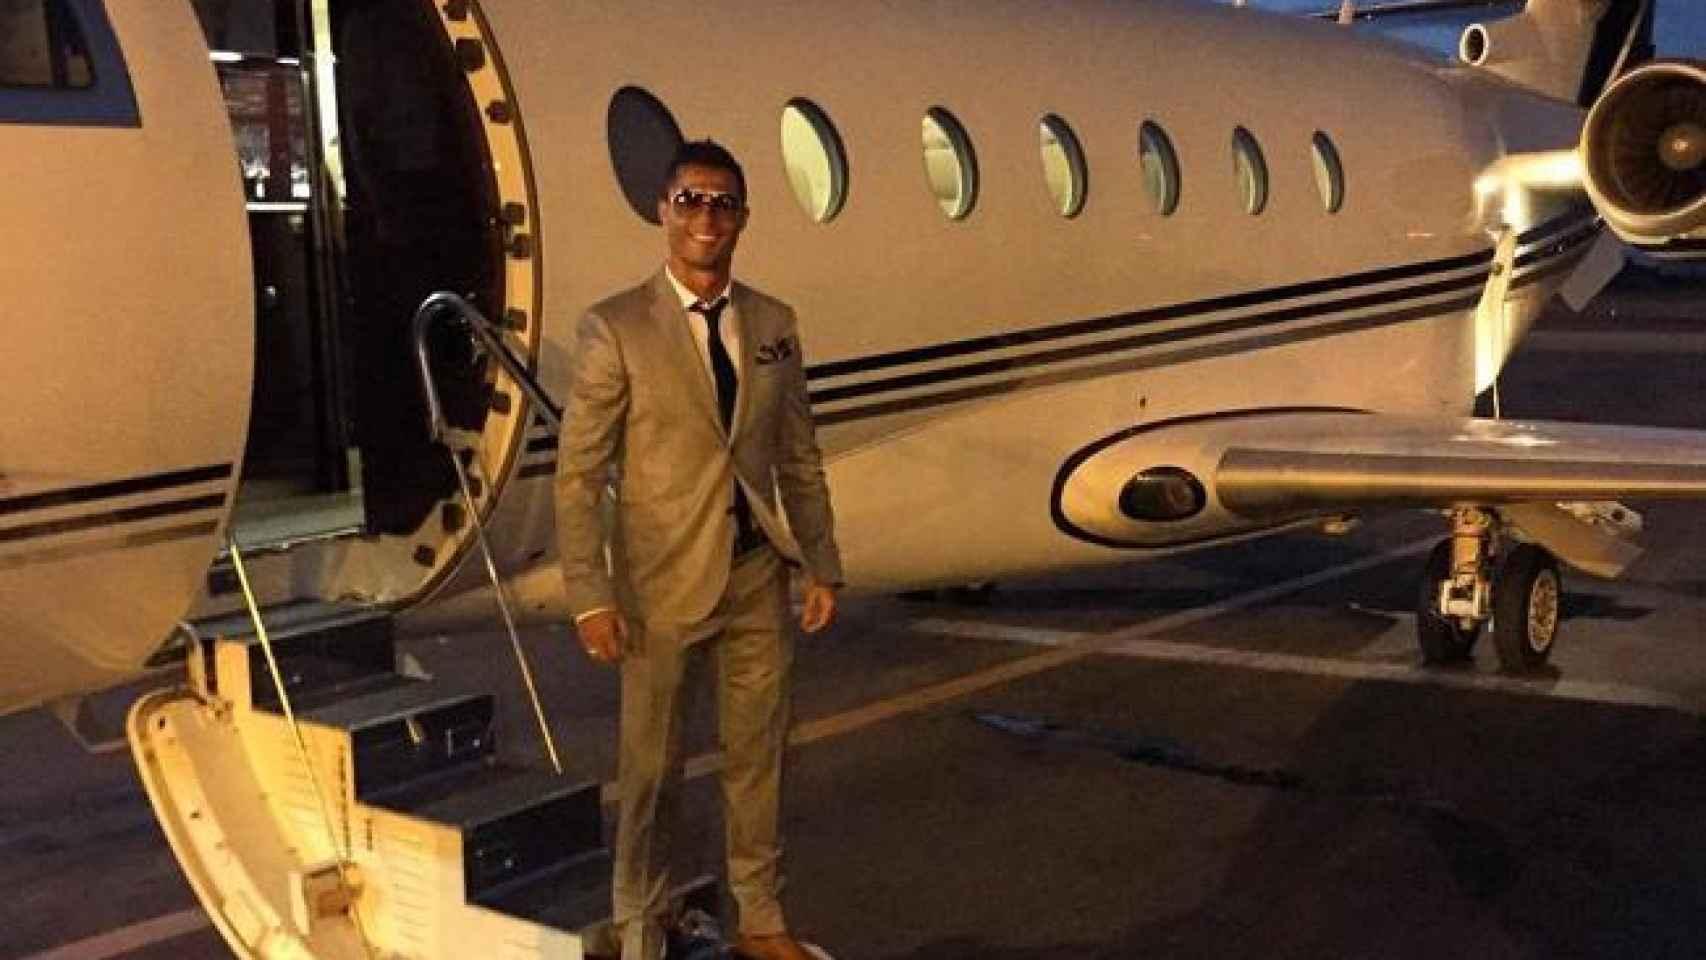 En los planes de vuelo del jet privado del futbolista se registran varios viajes a la semana a Marruecos